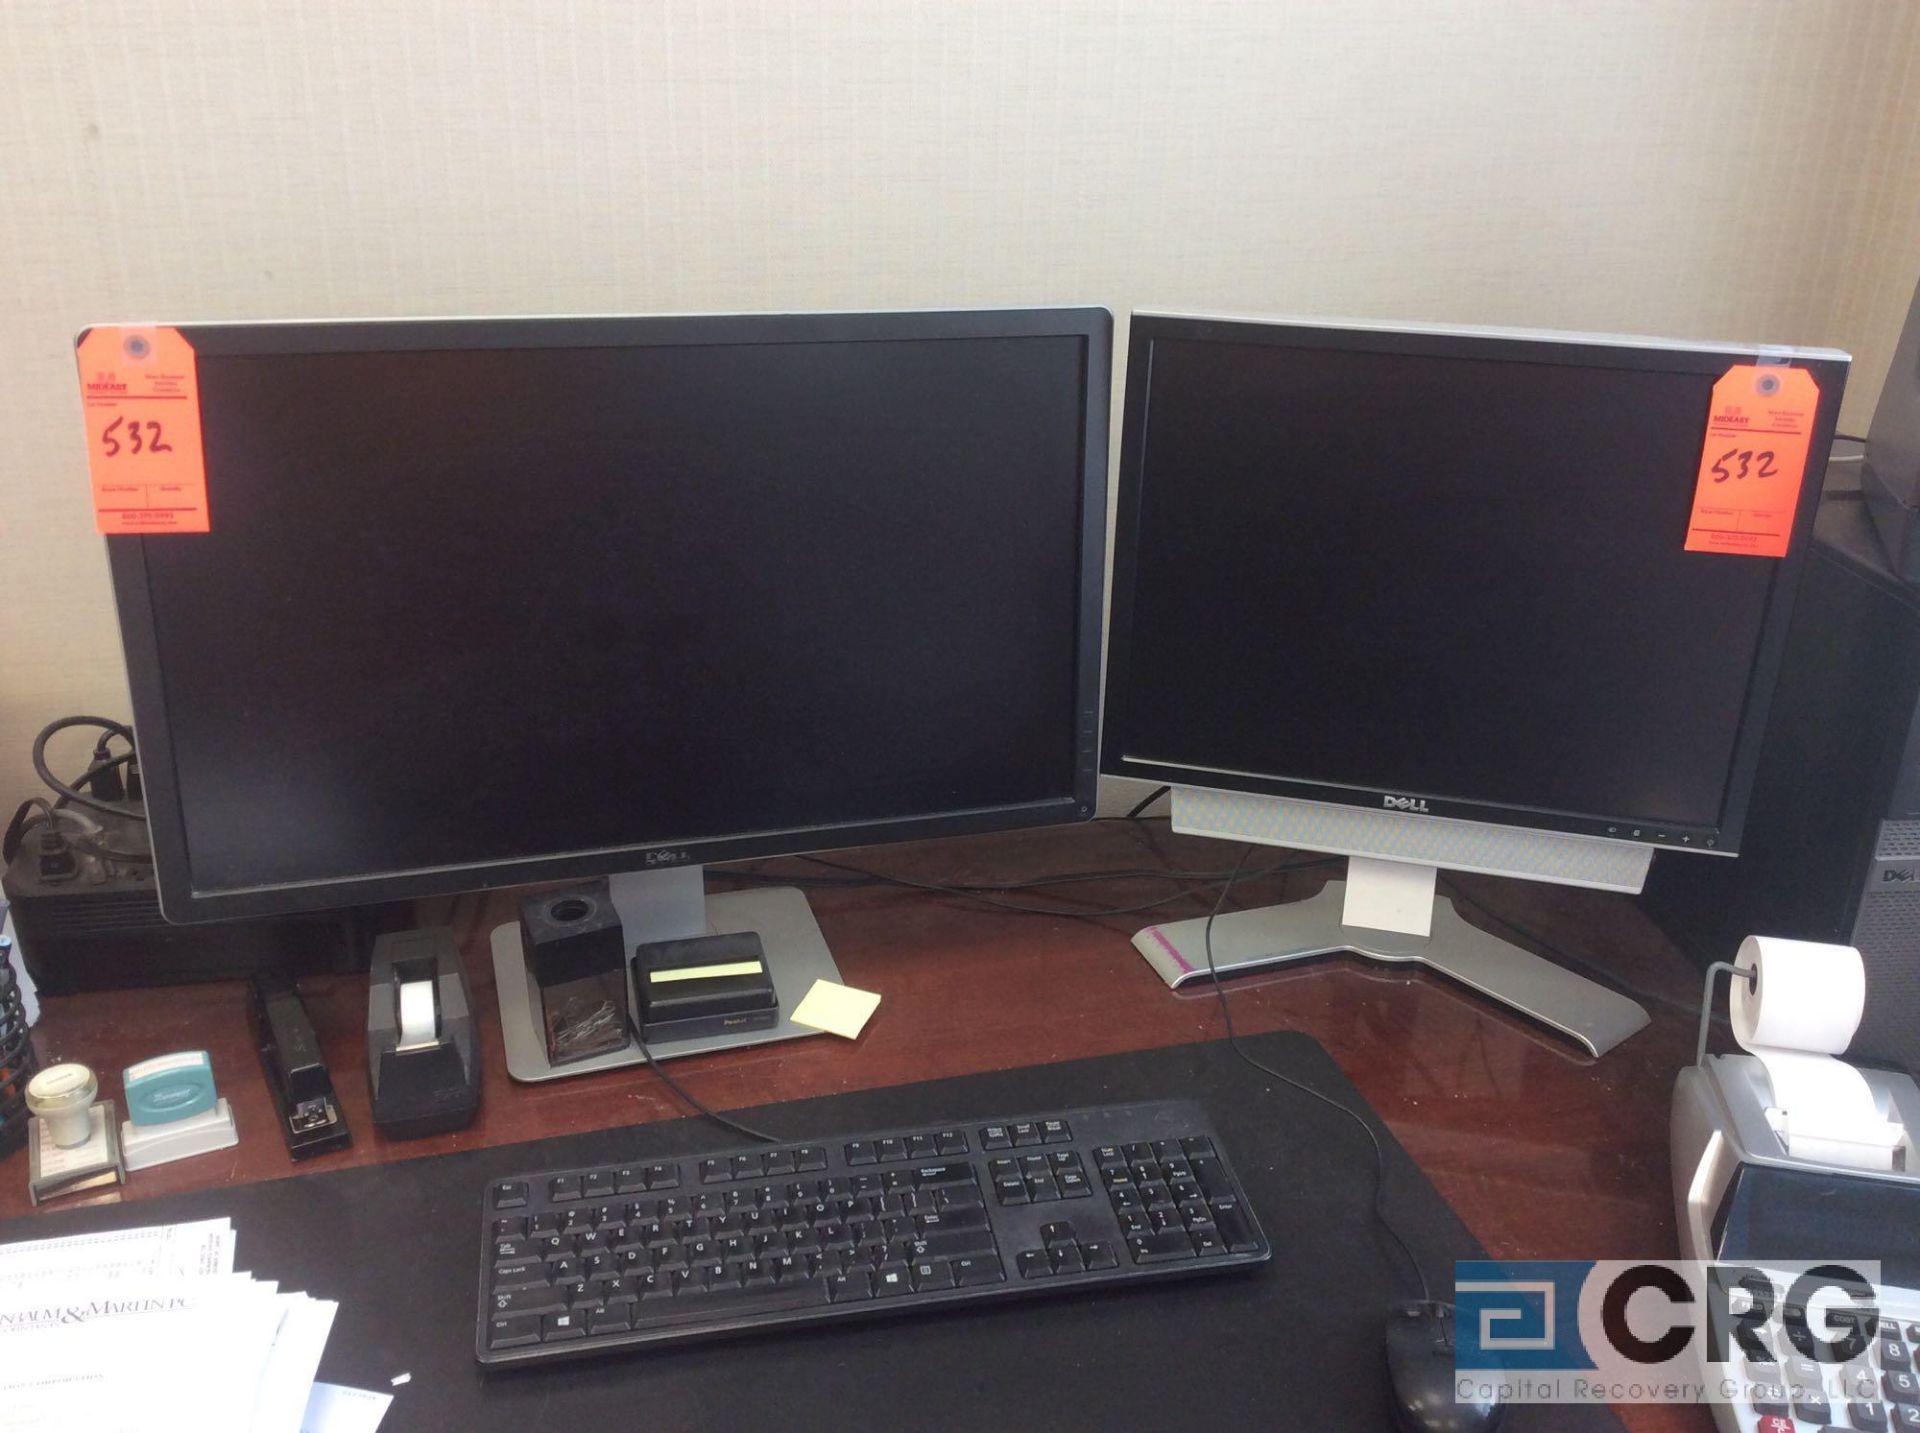 Lot 532 - Lot of (2) Dell monitors